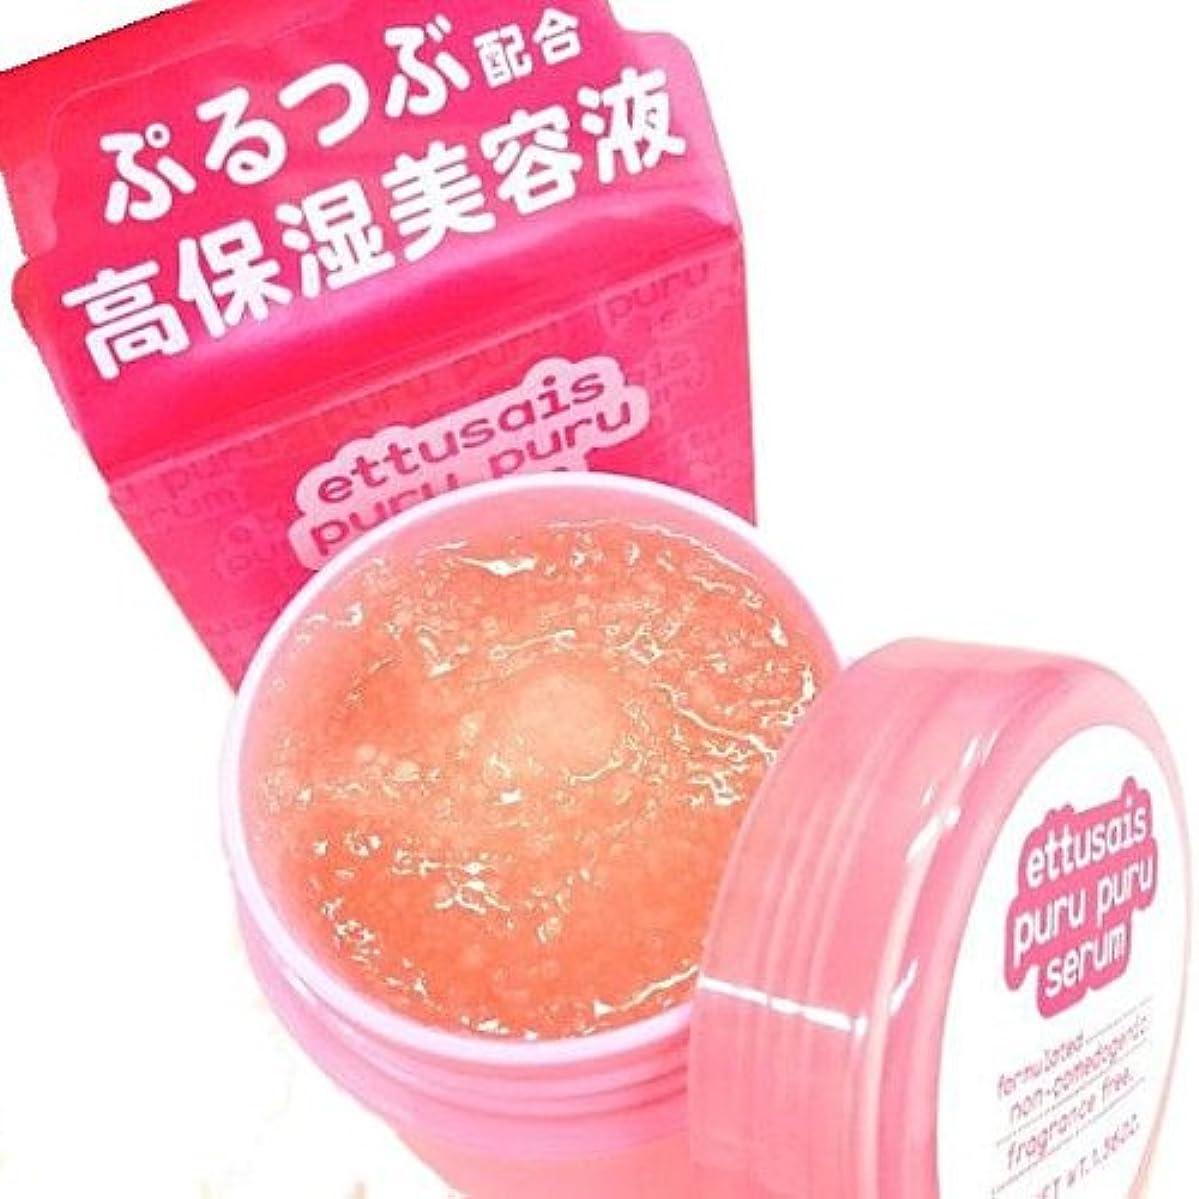 命令的届ける風味エテュセ ぷるつぶセラム 47g(濃厚保湿美容液)